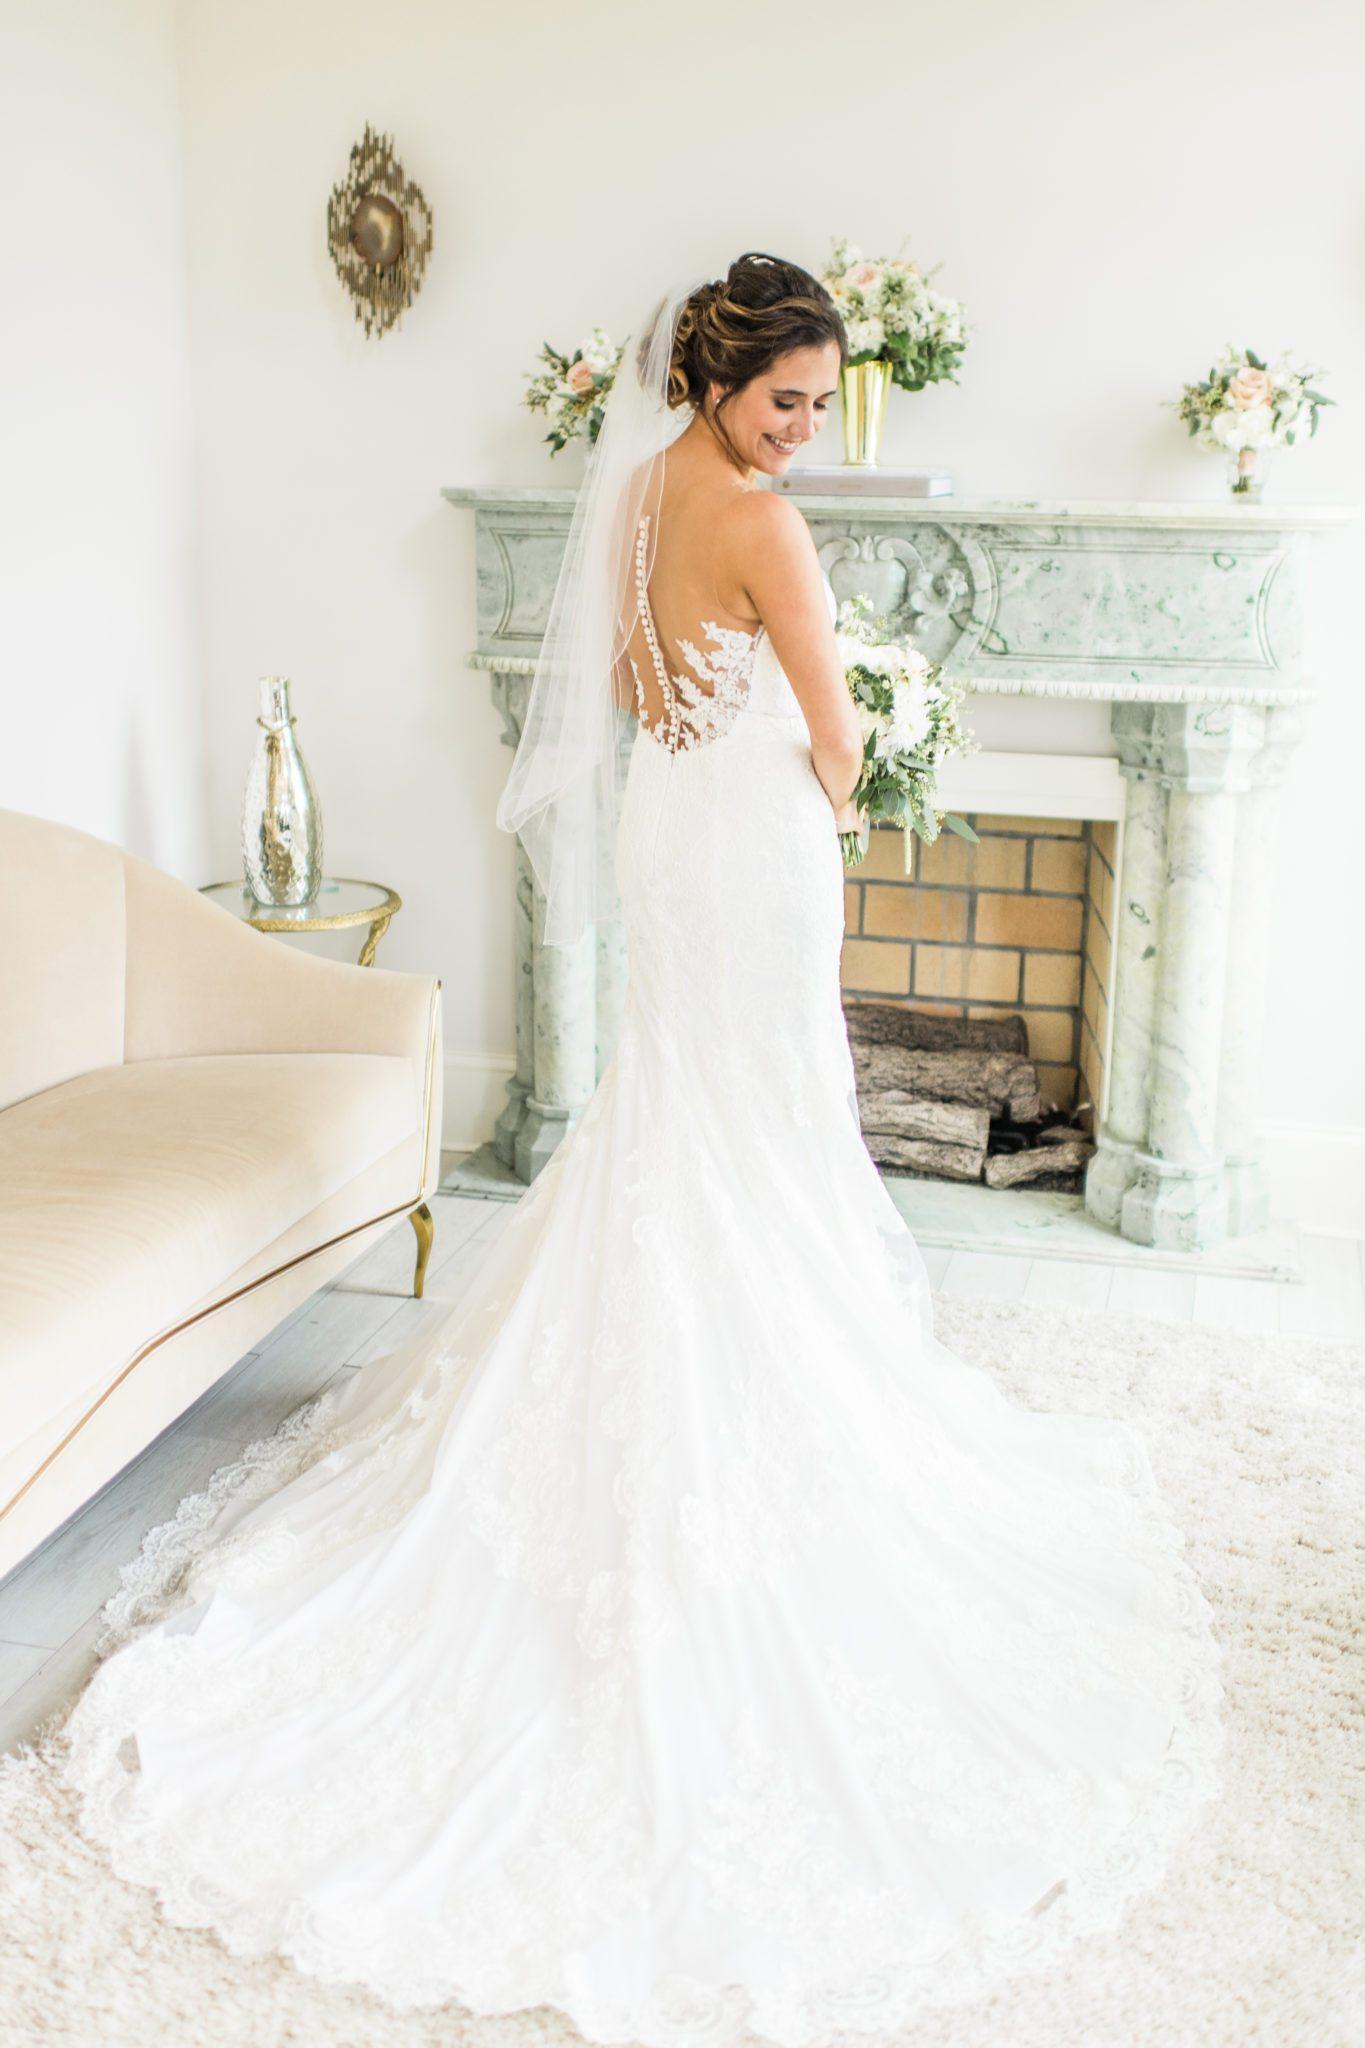 3-stephen-gabby-morais-vineyards-bealeton-virginia-wedding-photographer-15 The Palacio Package